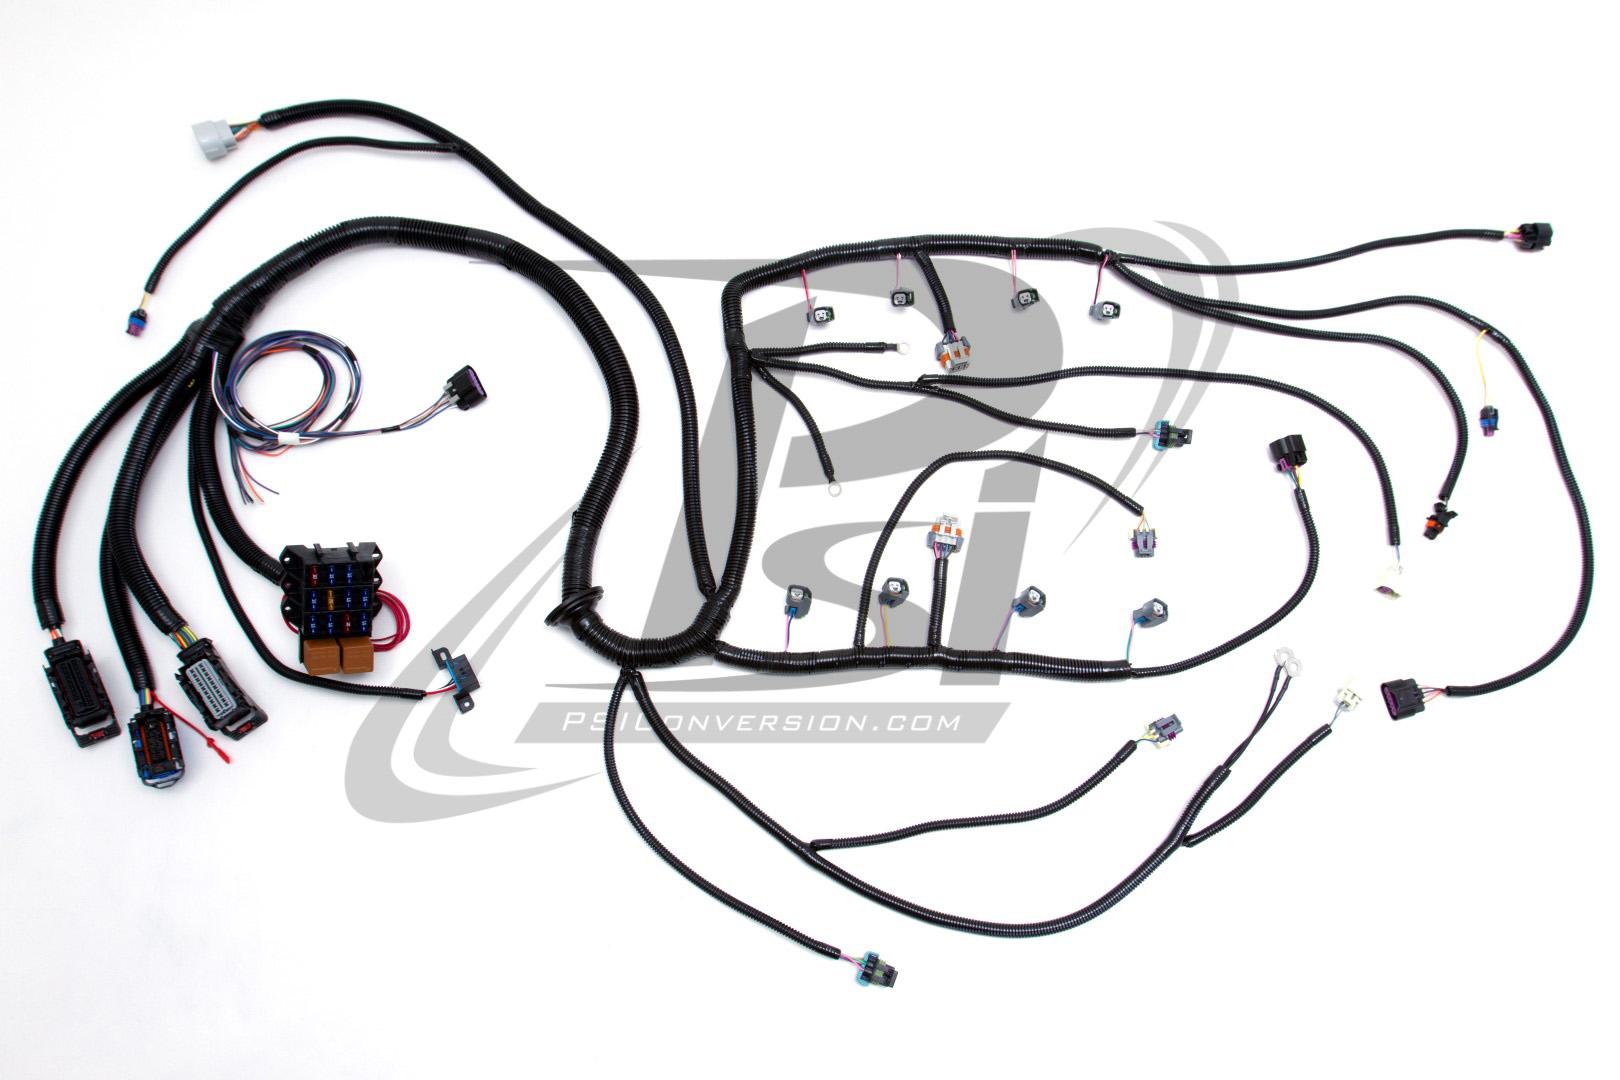 '06 '07 ls2 (6 0l) 58x w 4l60e standalone harness custom engine wiring harness standalone wiring harness gm 6 0 engine #2